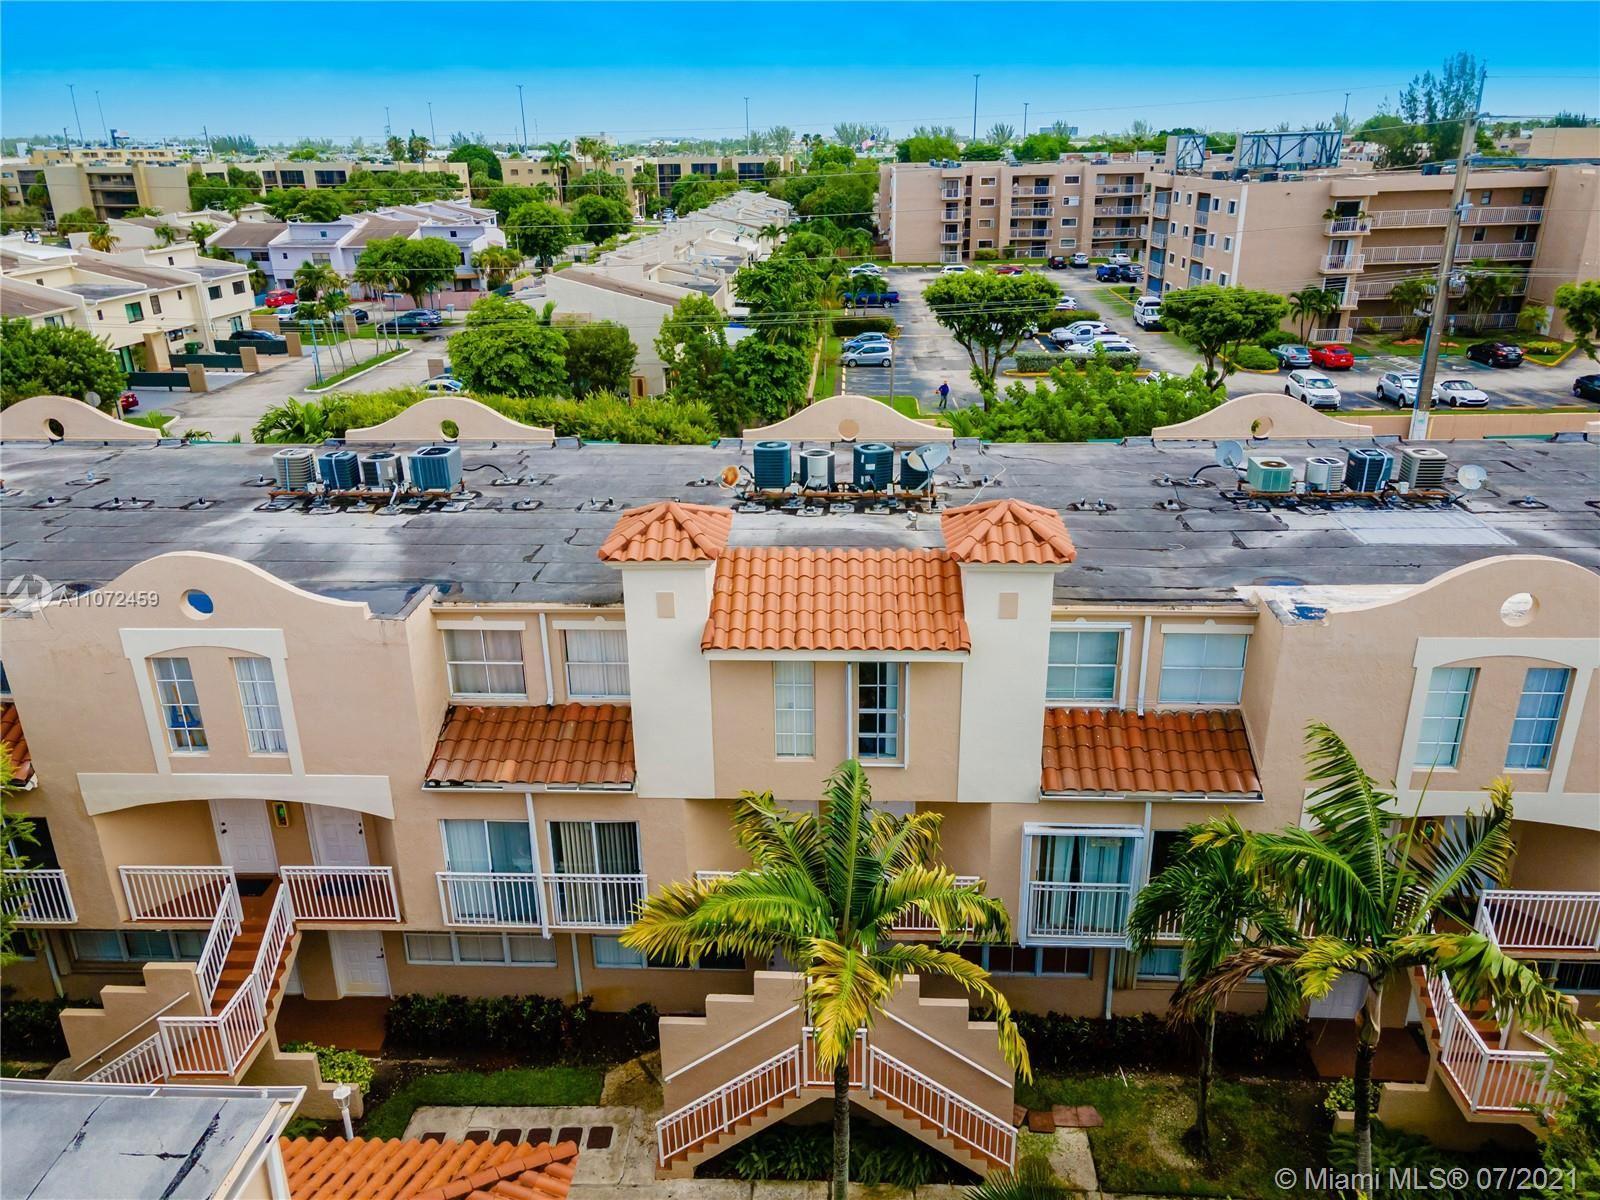 8585 NW 6th Ln #9-205, Miami, FL 33126 - #: A11072459